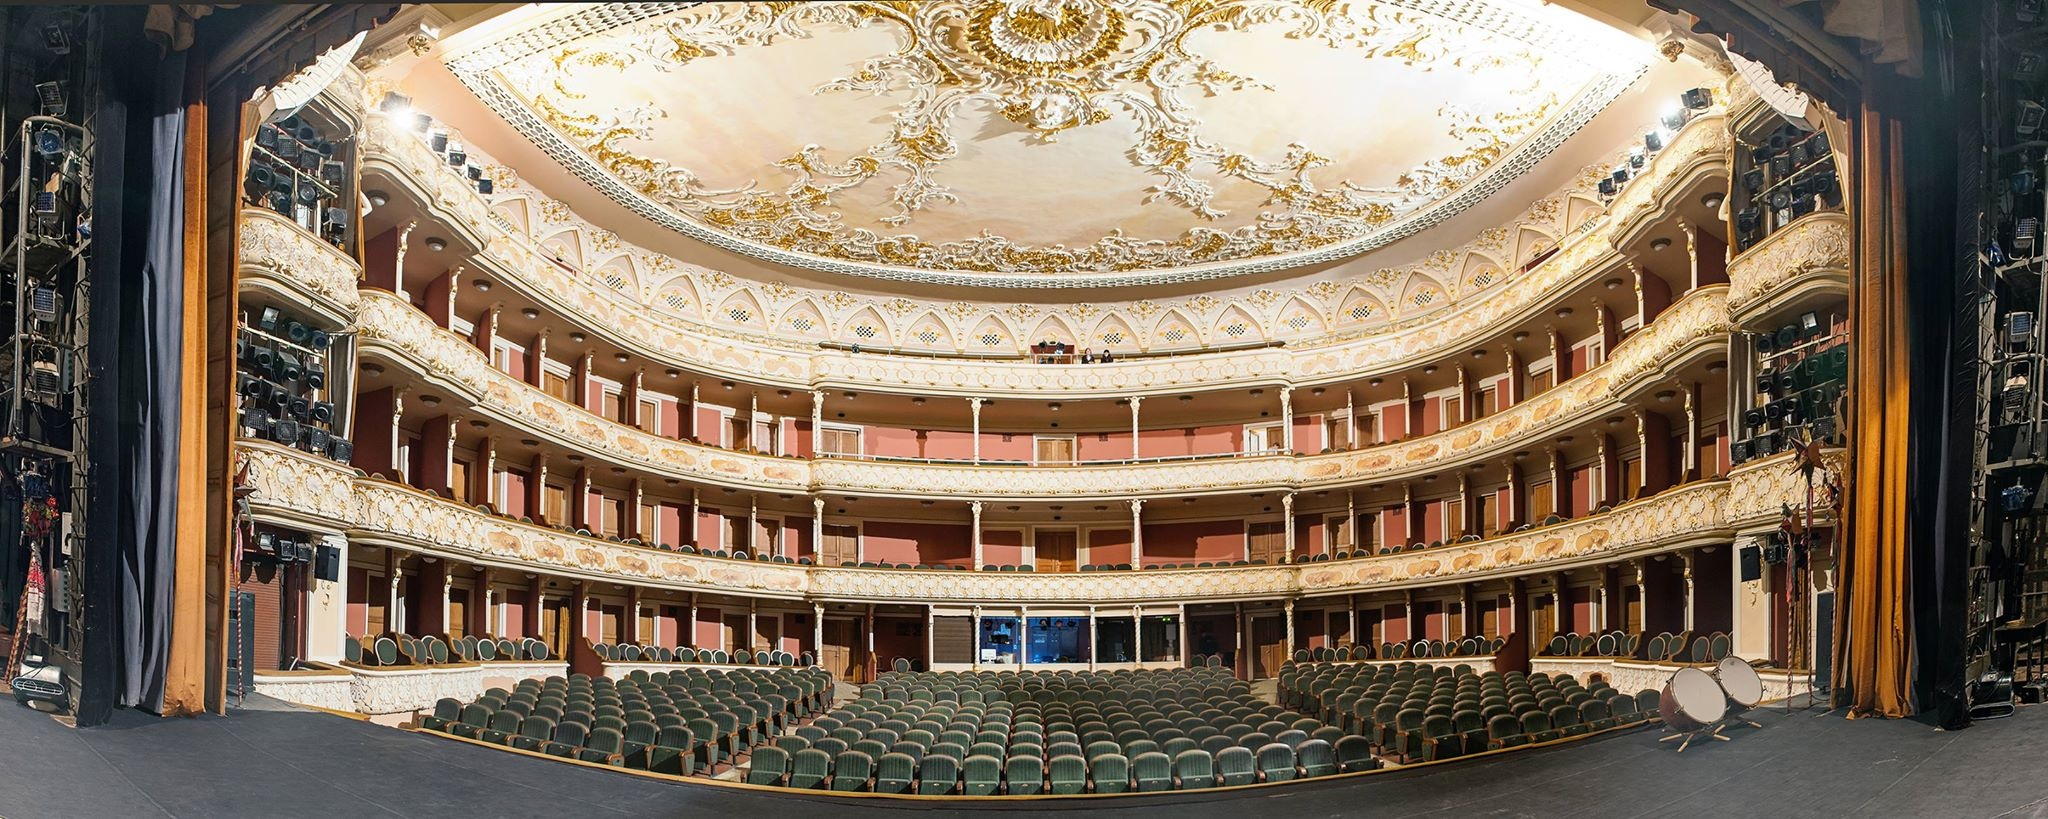 Афиша театра в киеве франка стерлитамак билет концерты